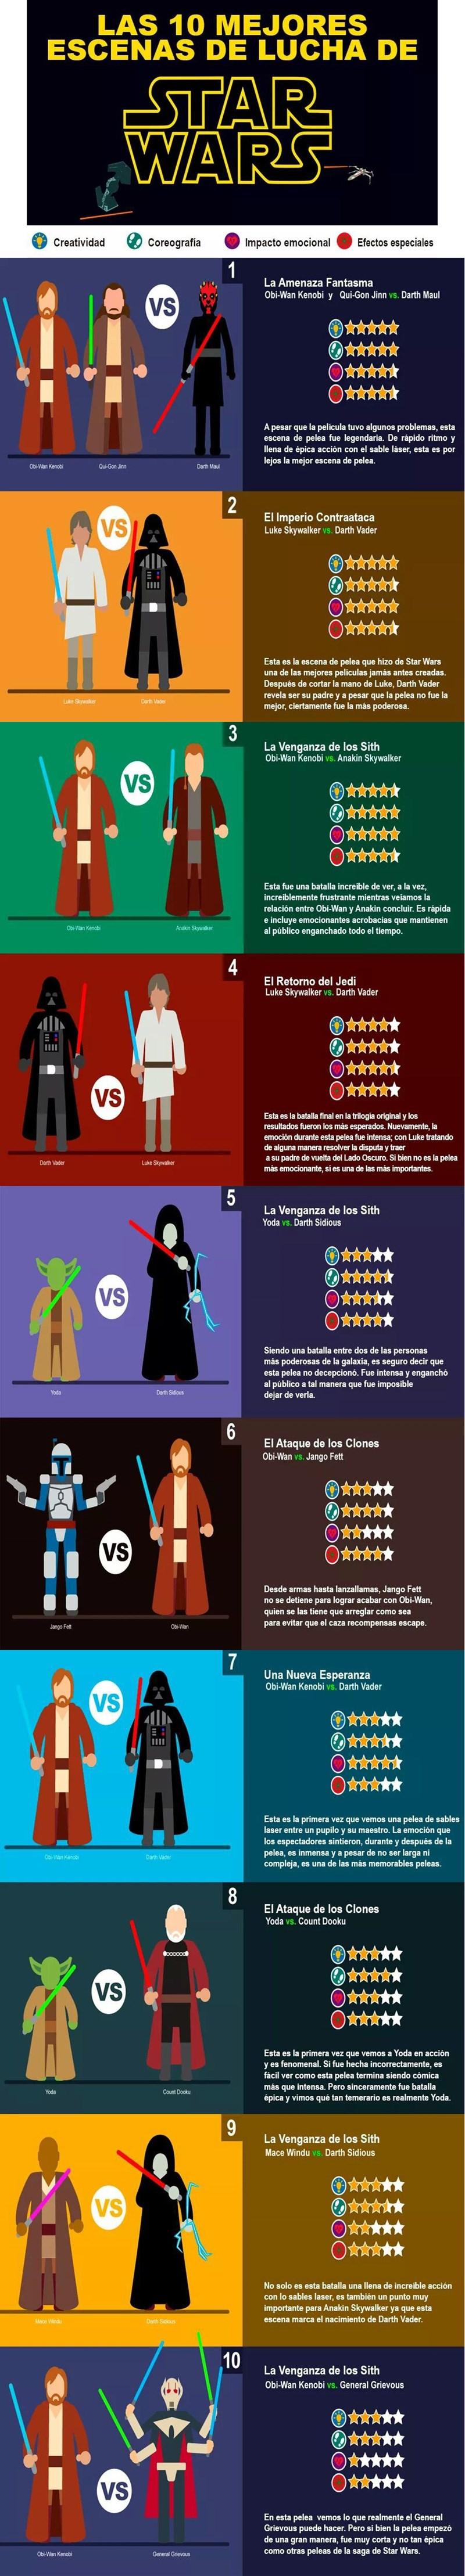 peleas en star wars